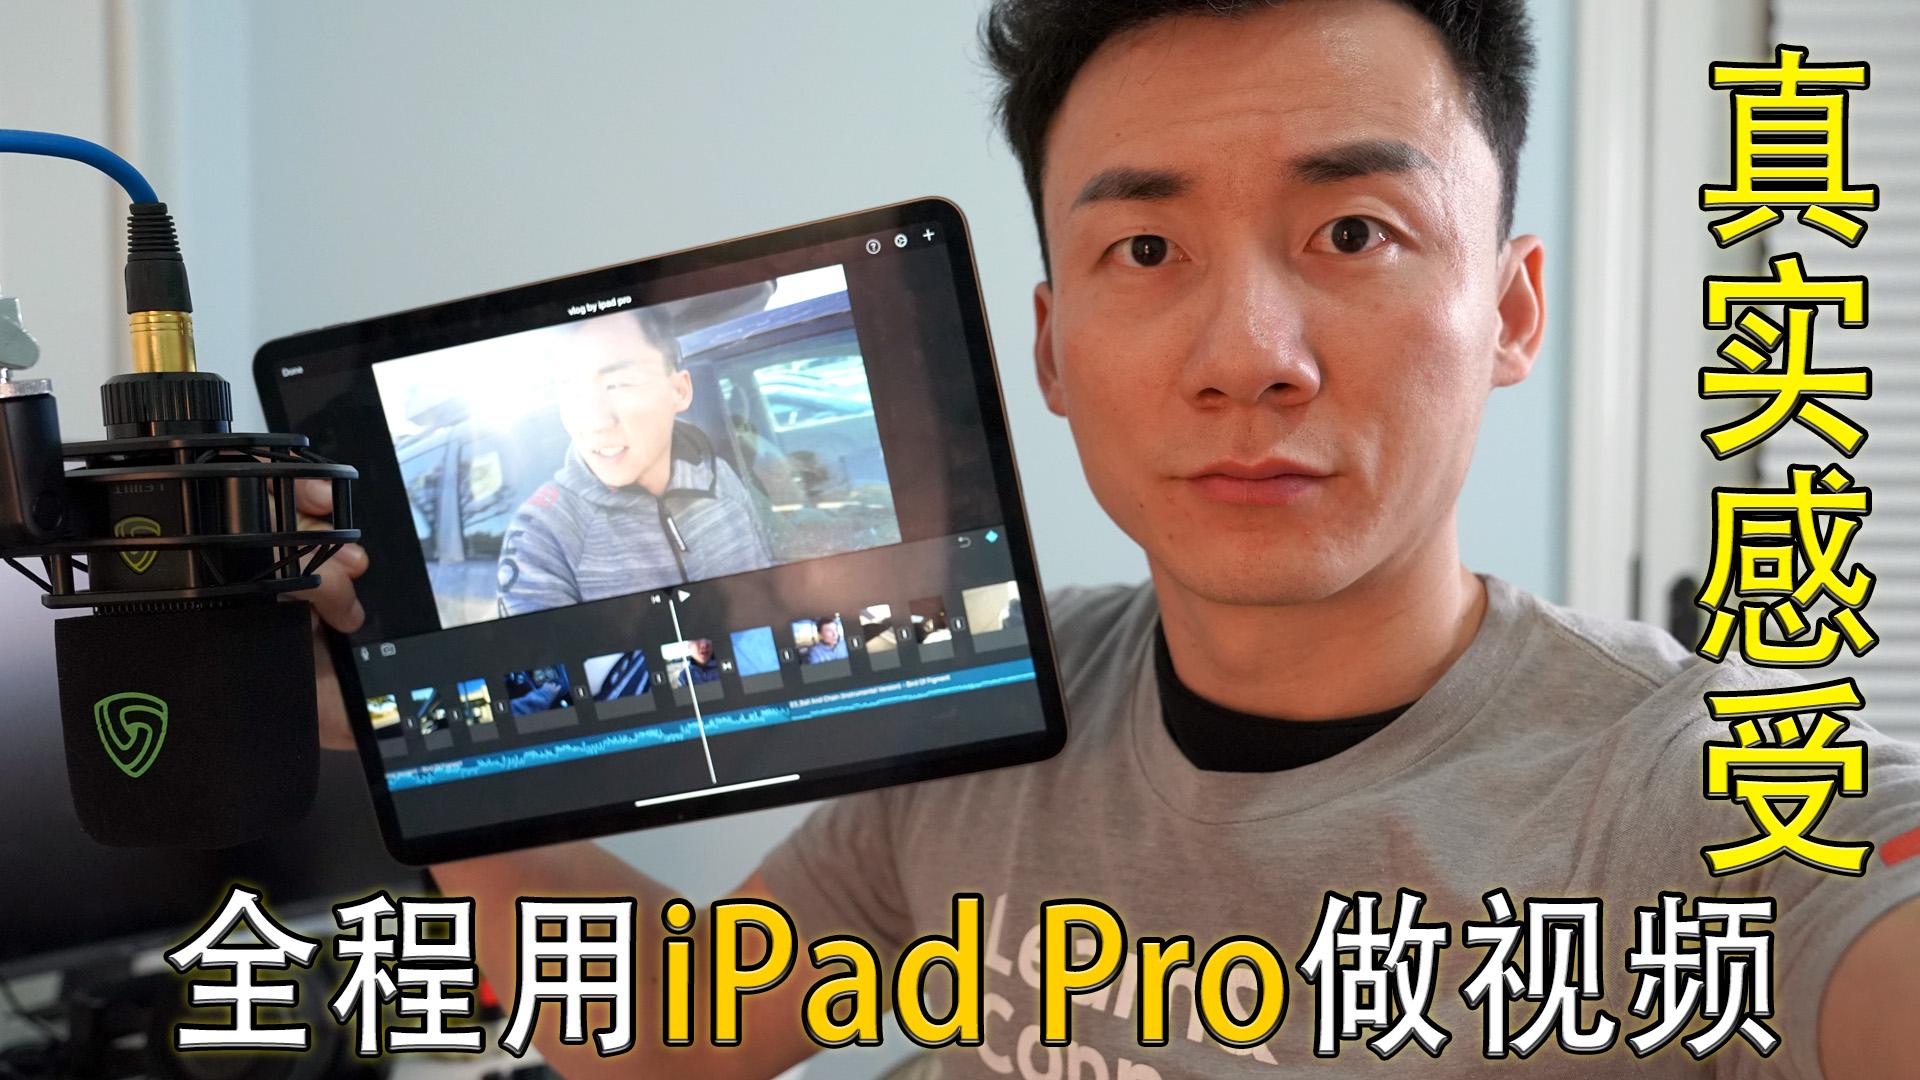 iPad Pro 能否取代 MacBook Pro ?视频编辑测试